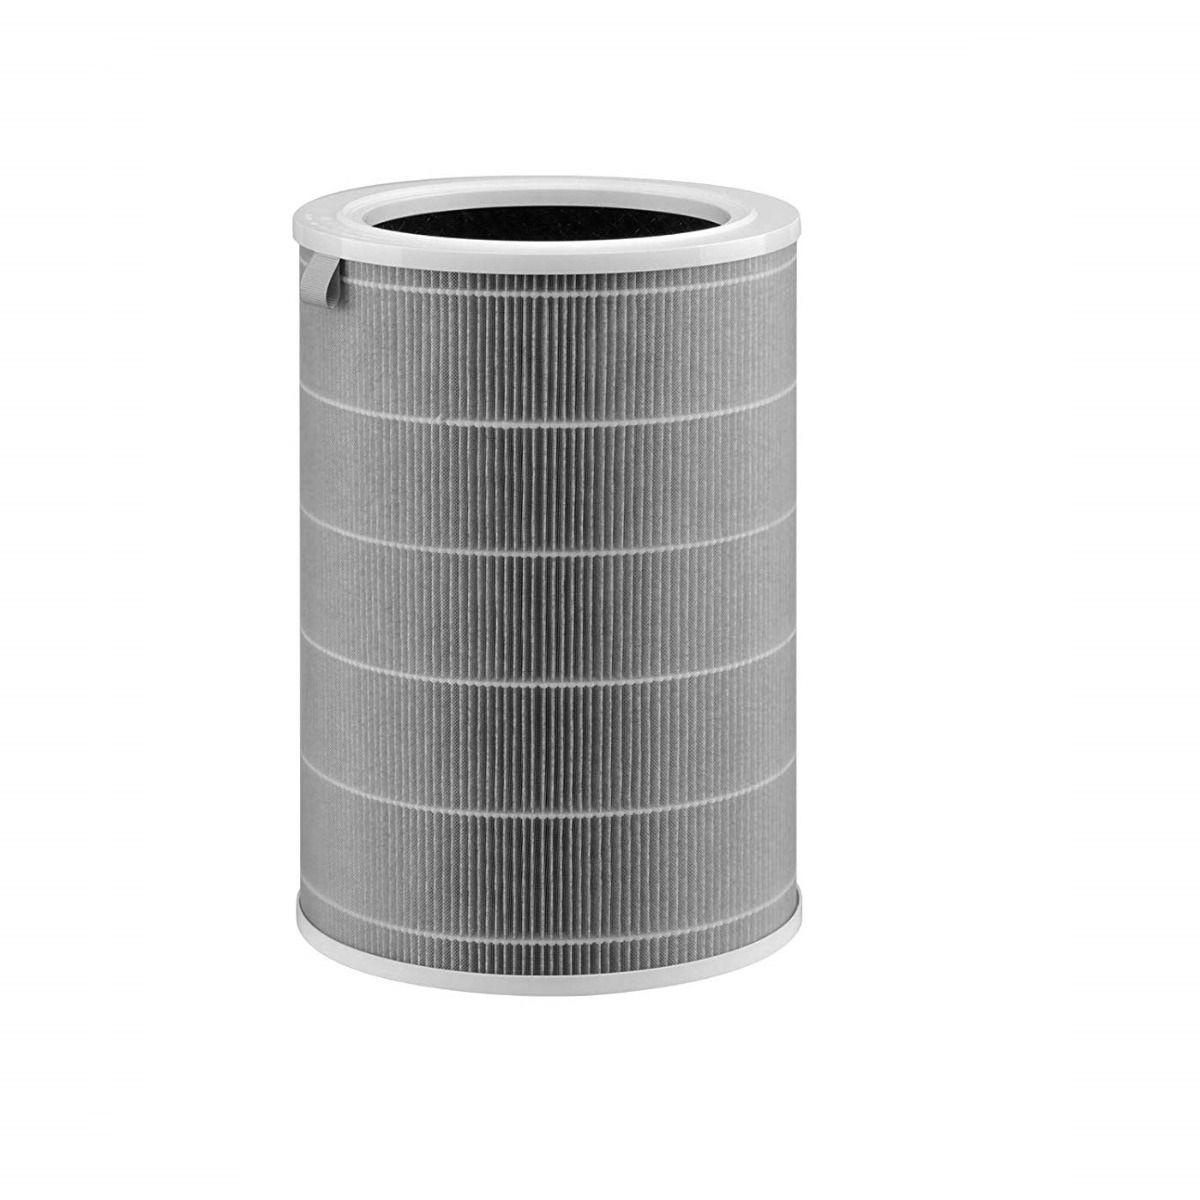 1. ไส้กรอง Xiaomi Mi Air Purifier Carbon Filter